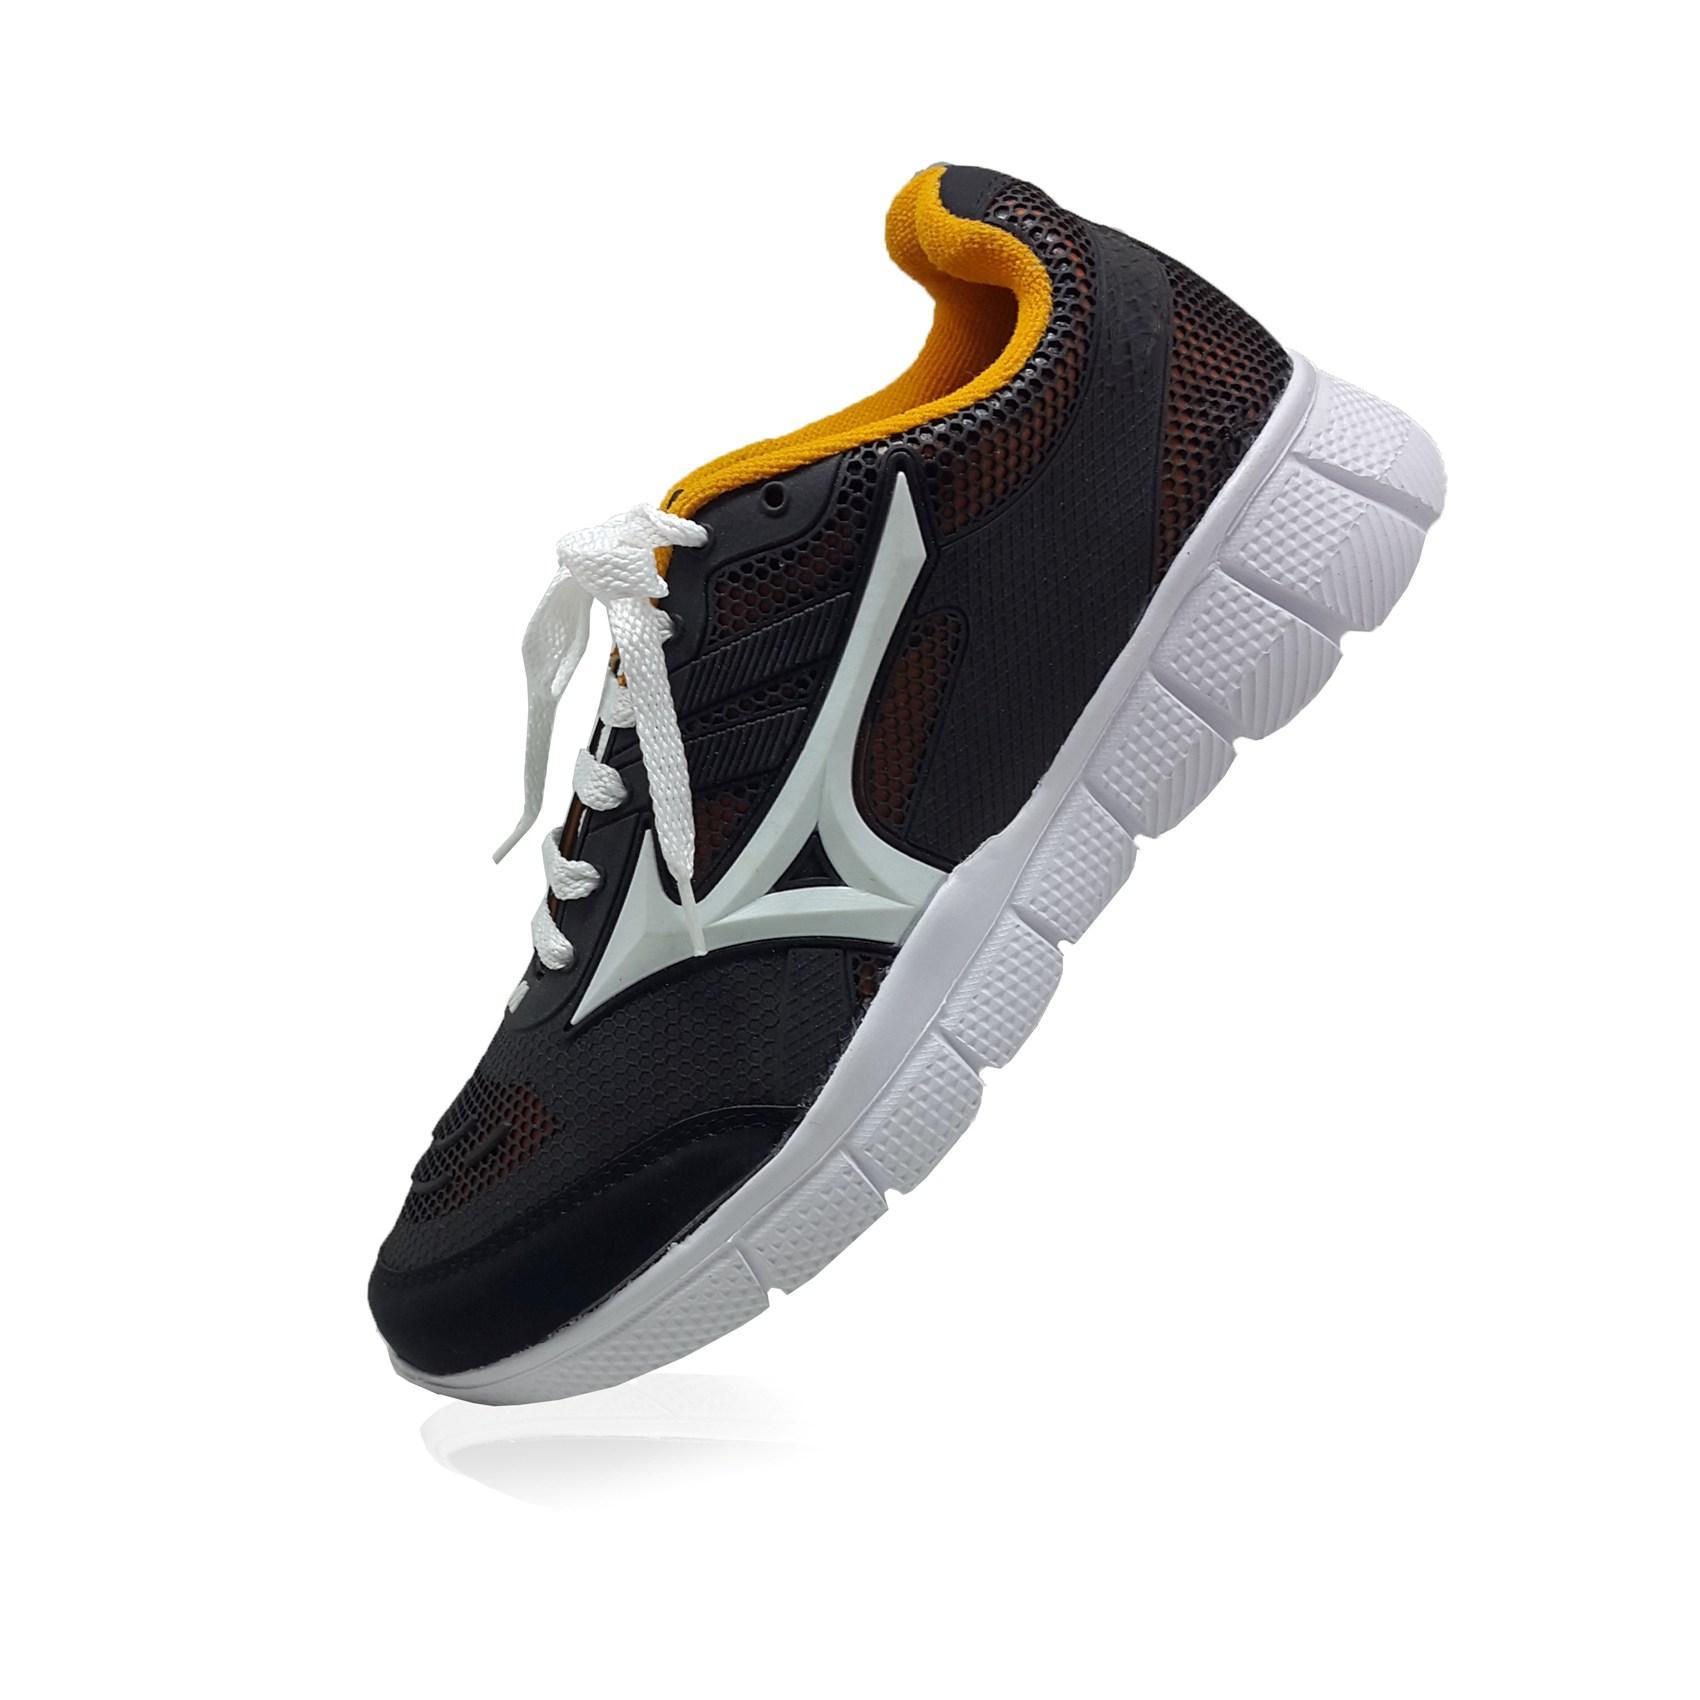 Akas Store 7575CTH, Sepatu Sport Pria / Sepatu Sneaker Pria / Sepatu Olahraga / Sepatu